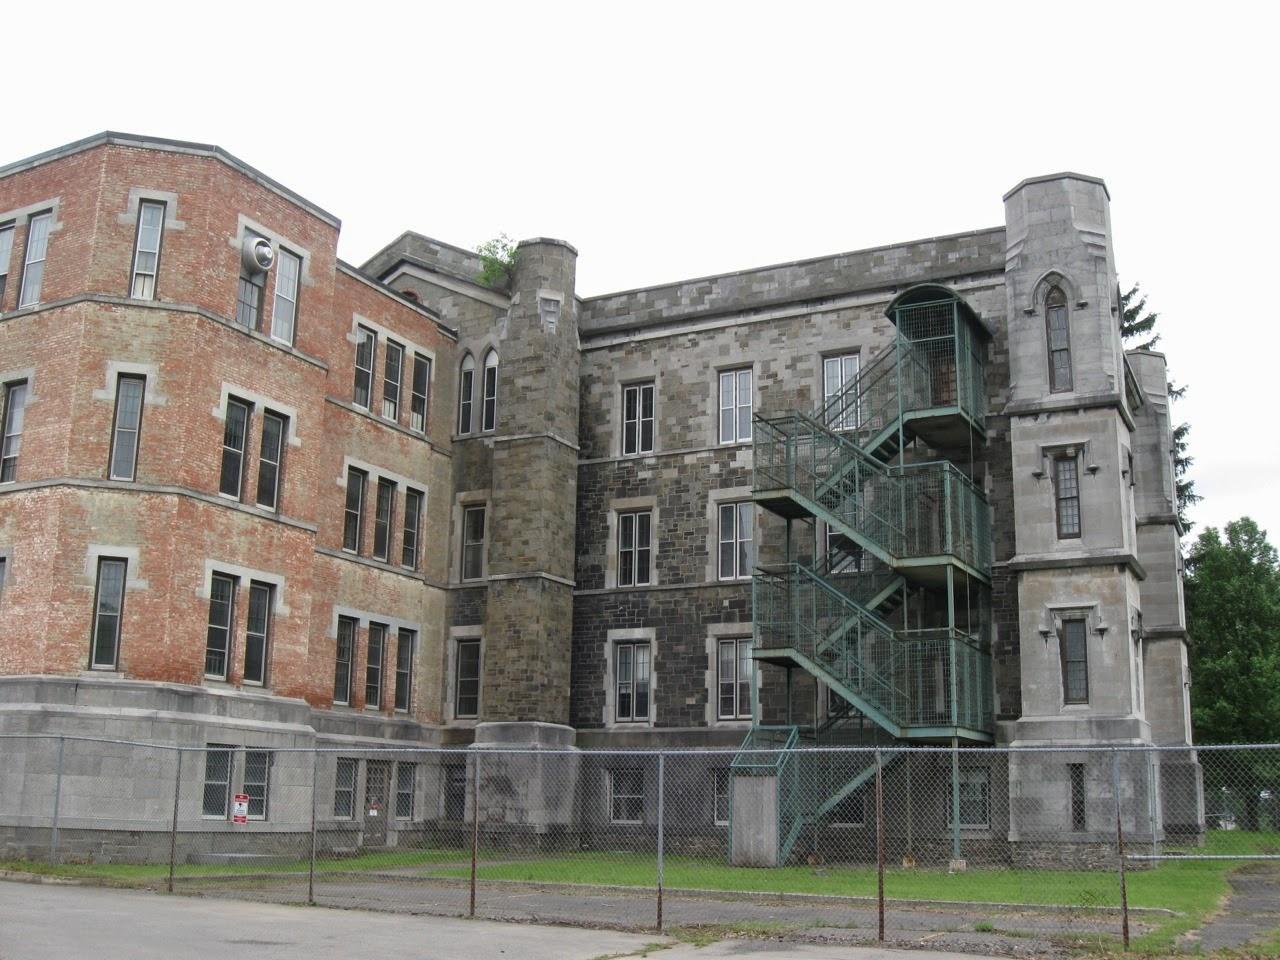 l u0026 39 archivista  the new york state inebriate asylum building